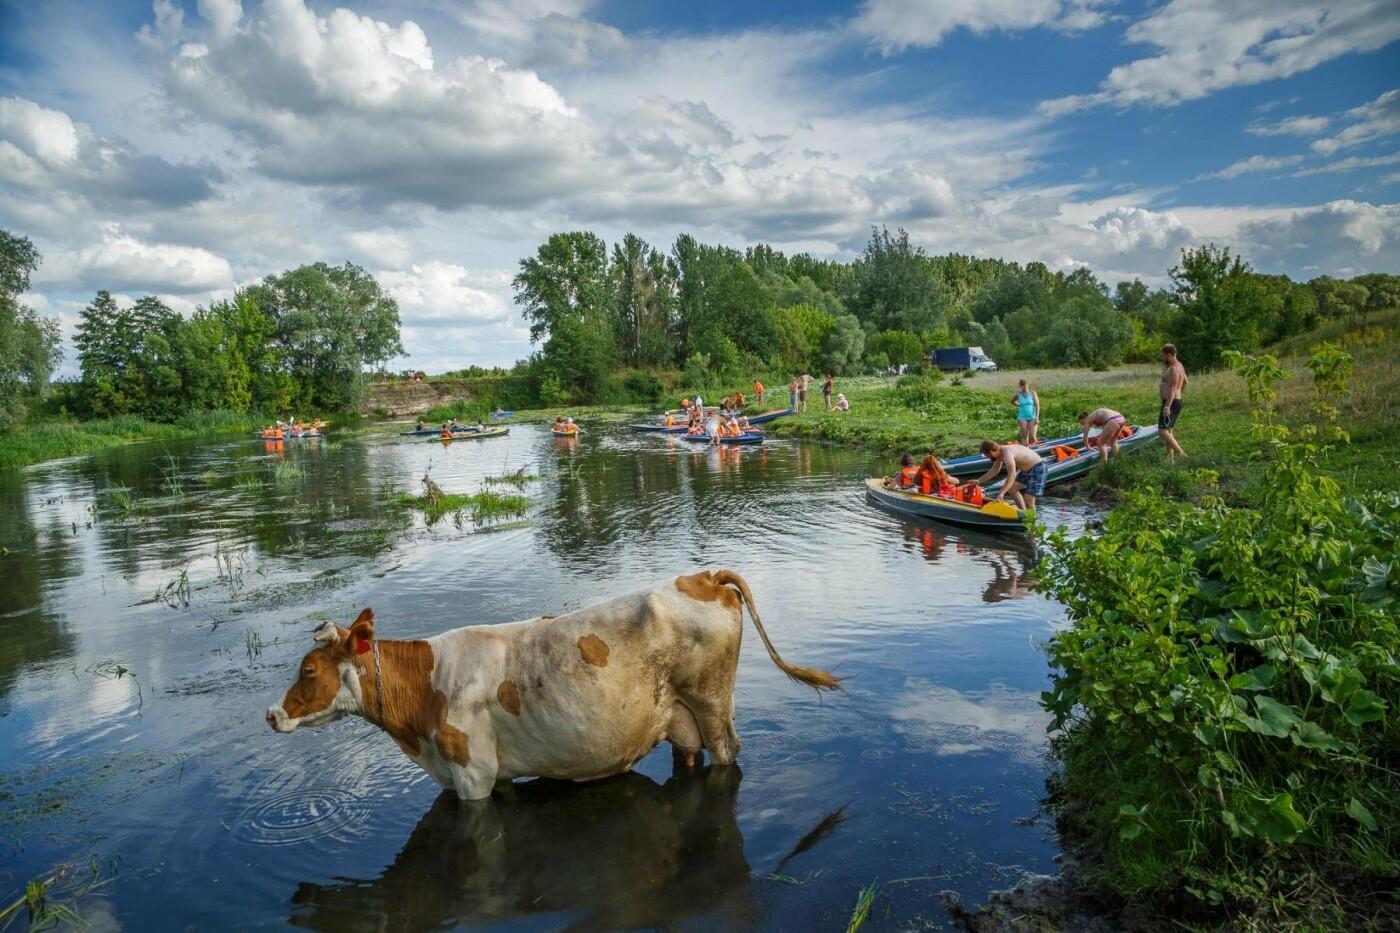 Первый «Open Air Байдаринг Party» под Белгородом: как это было? Фоторепортаж , фото-5